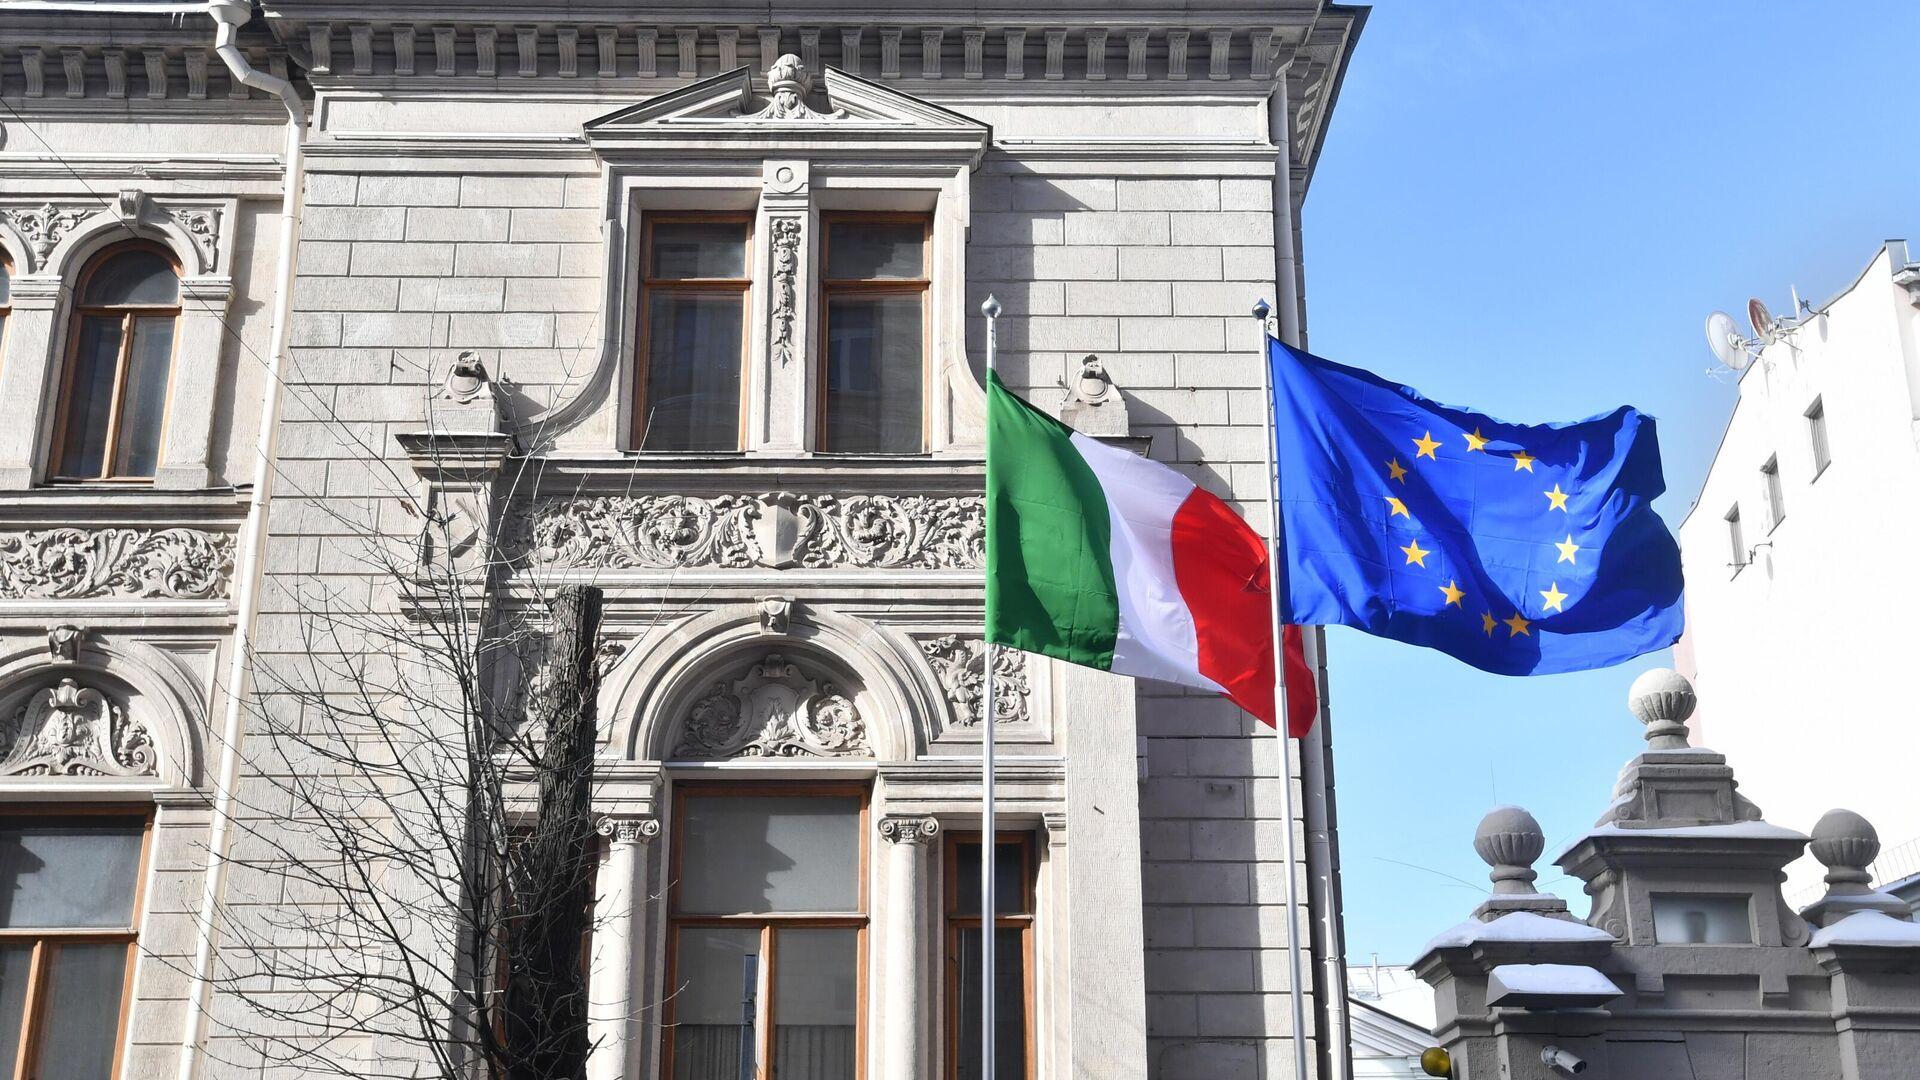 Приспущенный государственный флаг у посольства Италии в Москве - РИА Новости, 1920, 27.10.2020